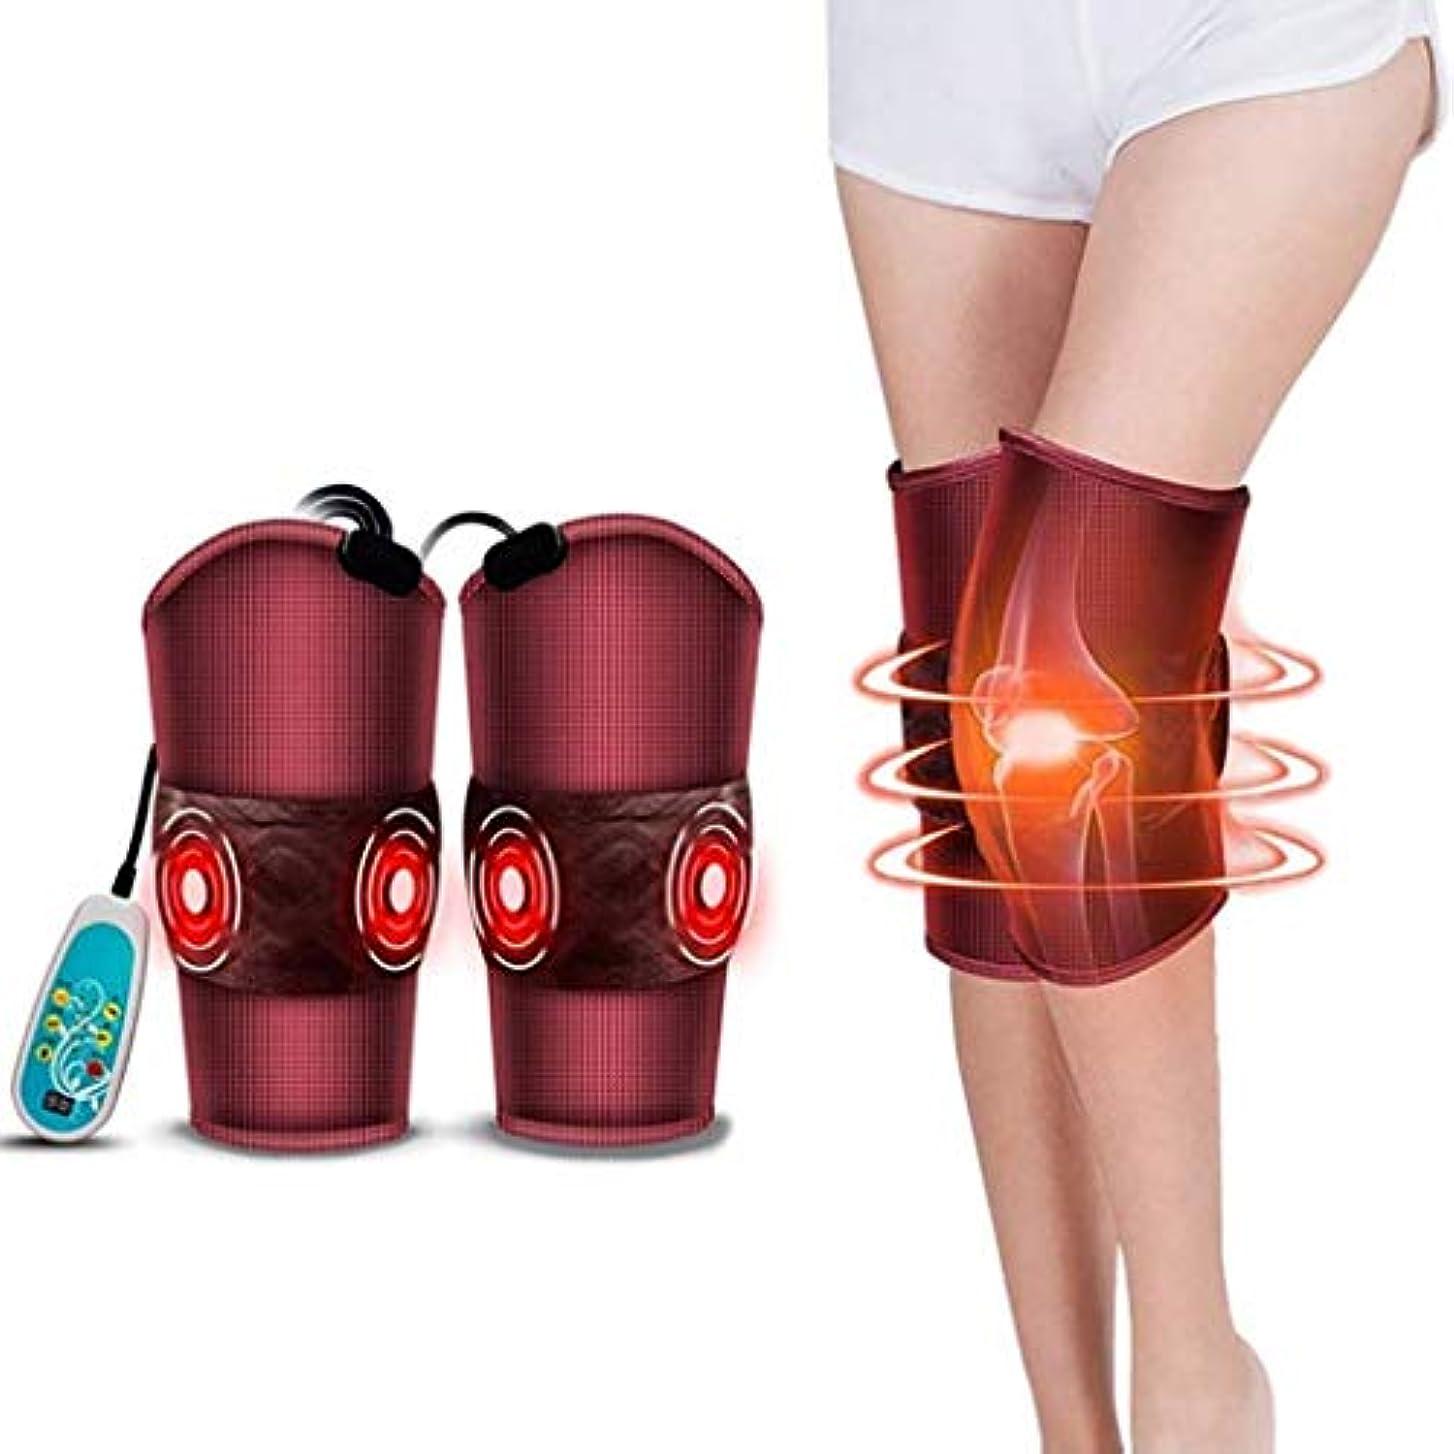 接続されたコメントびん電気マッサージ器、膝温/膝振動加熱マッサージ器、ウエスト/脚/膝の痛みを和らげる